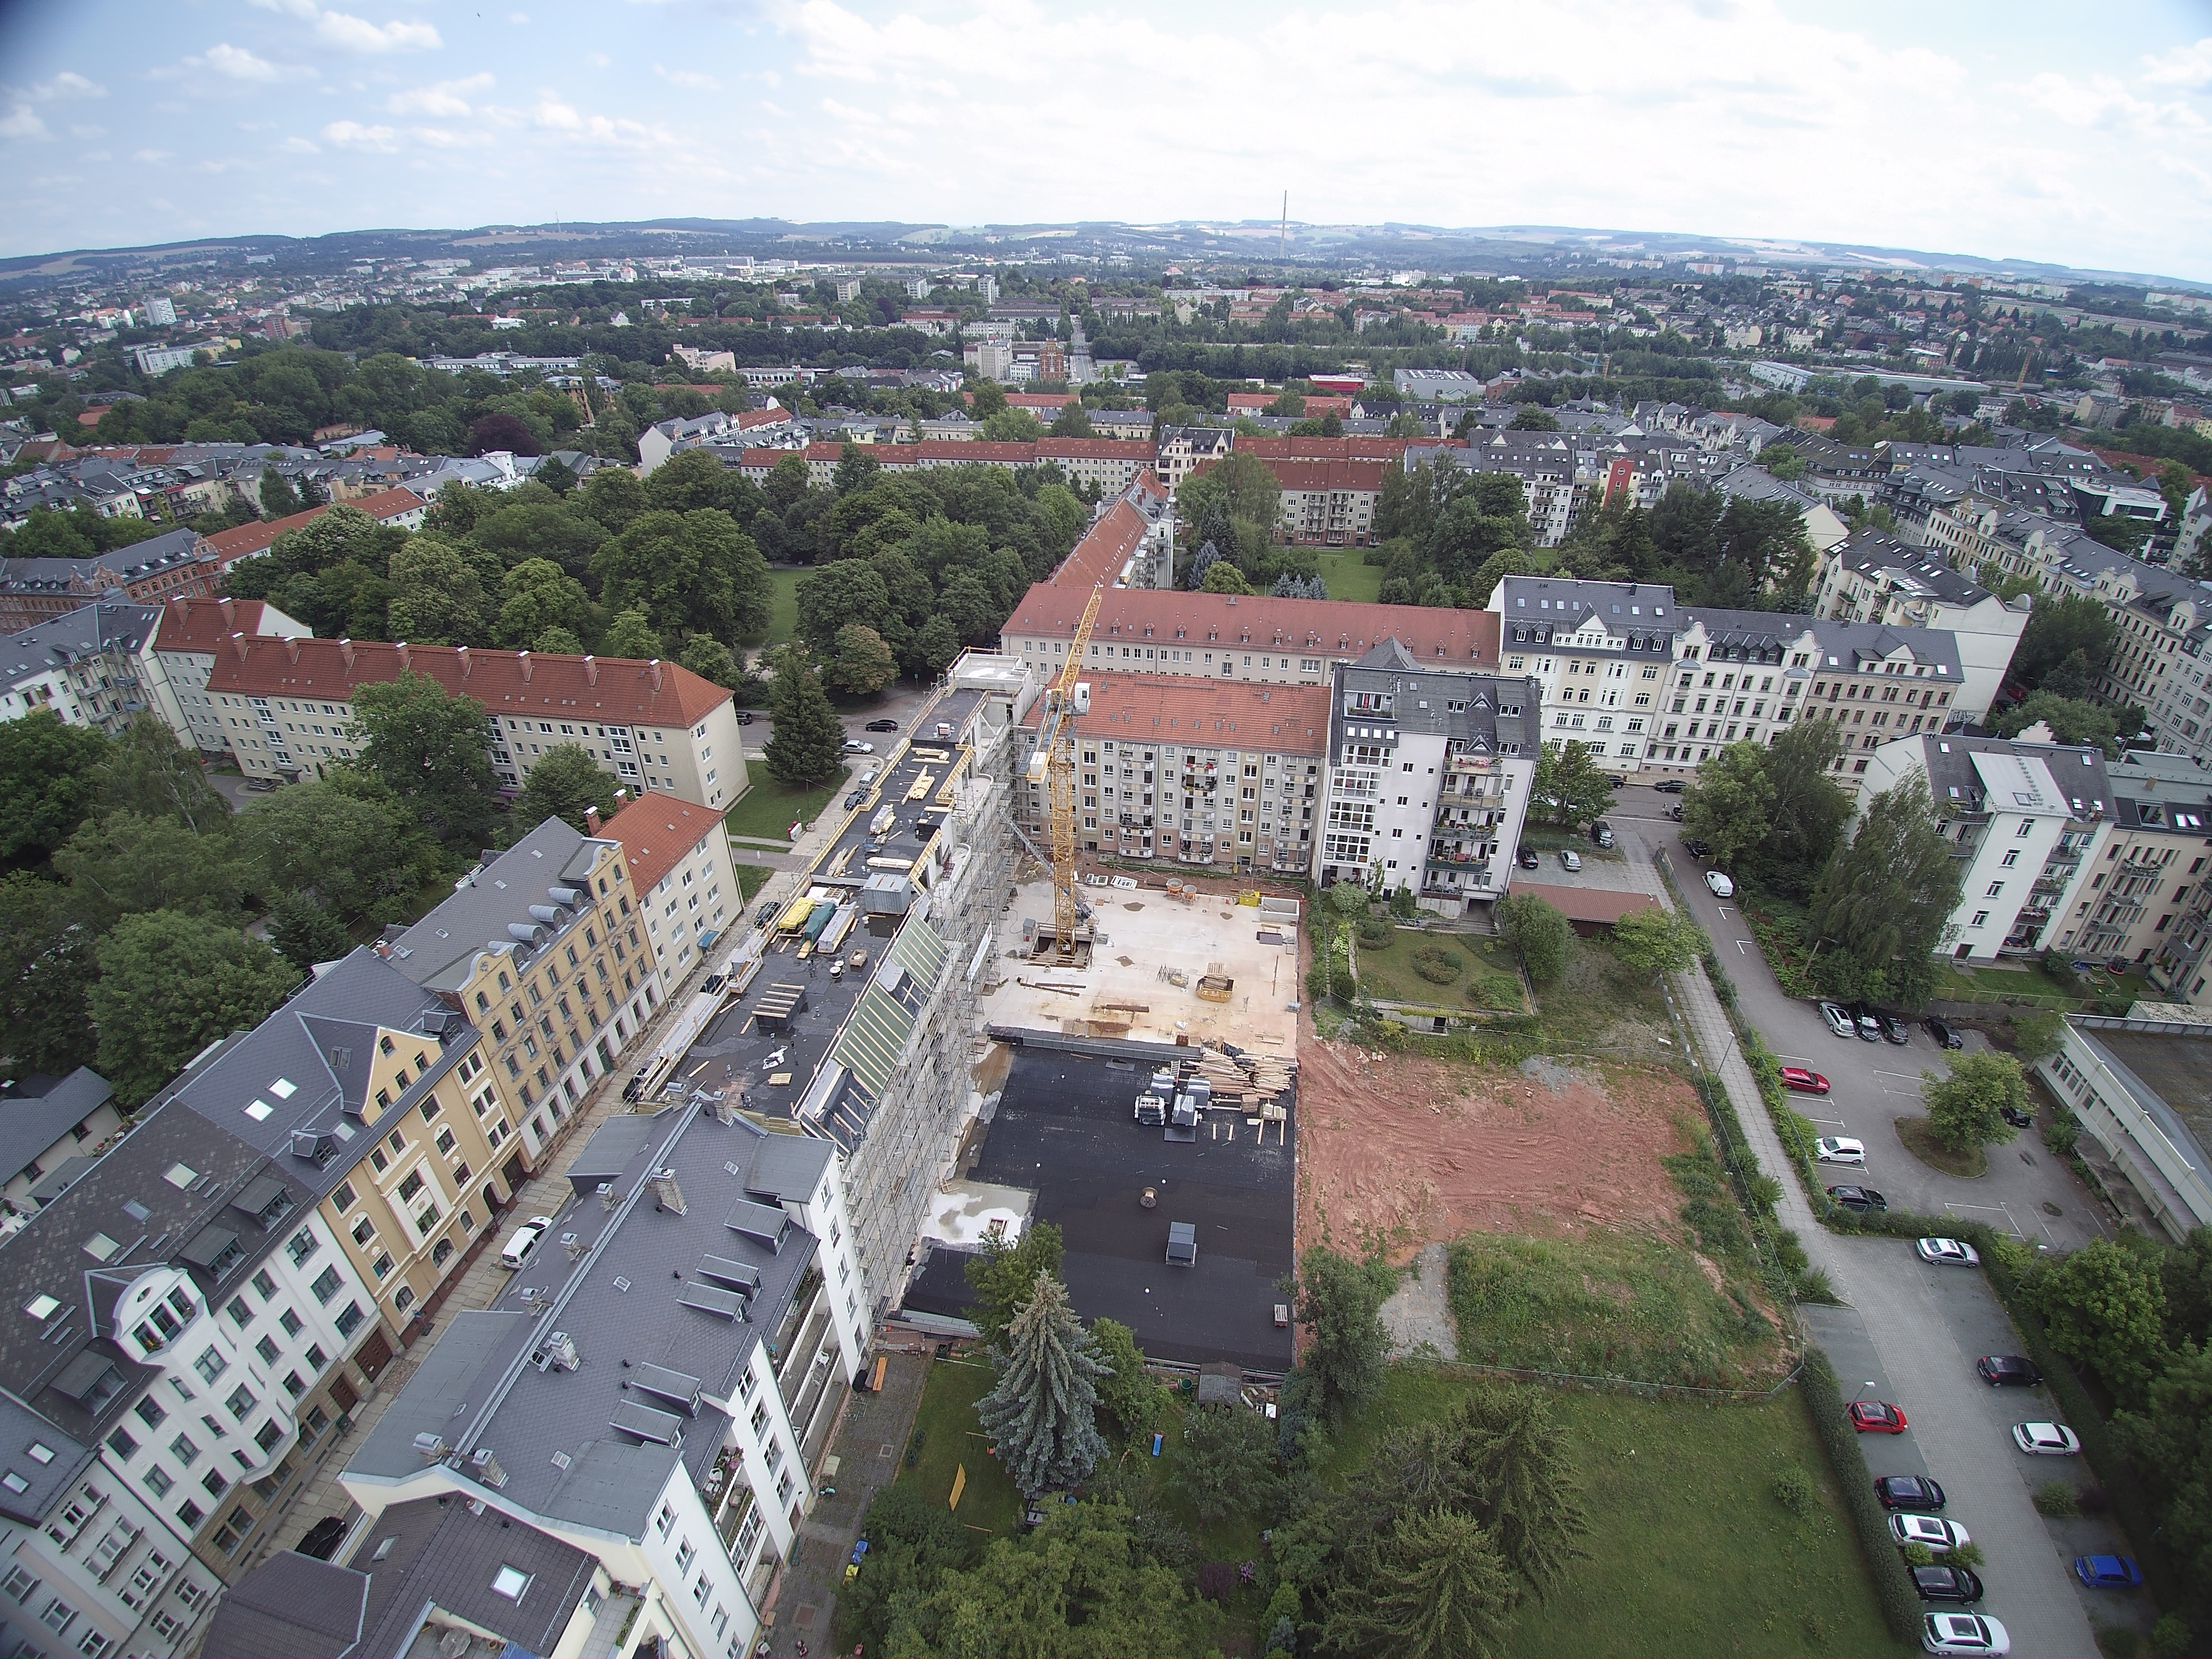 Luftaufnahmen aus der Stadt Chemnitz